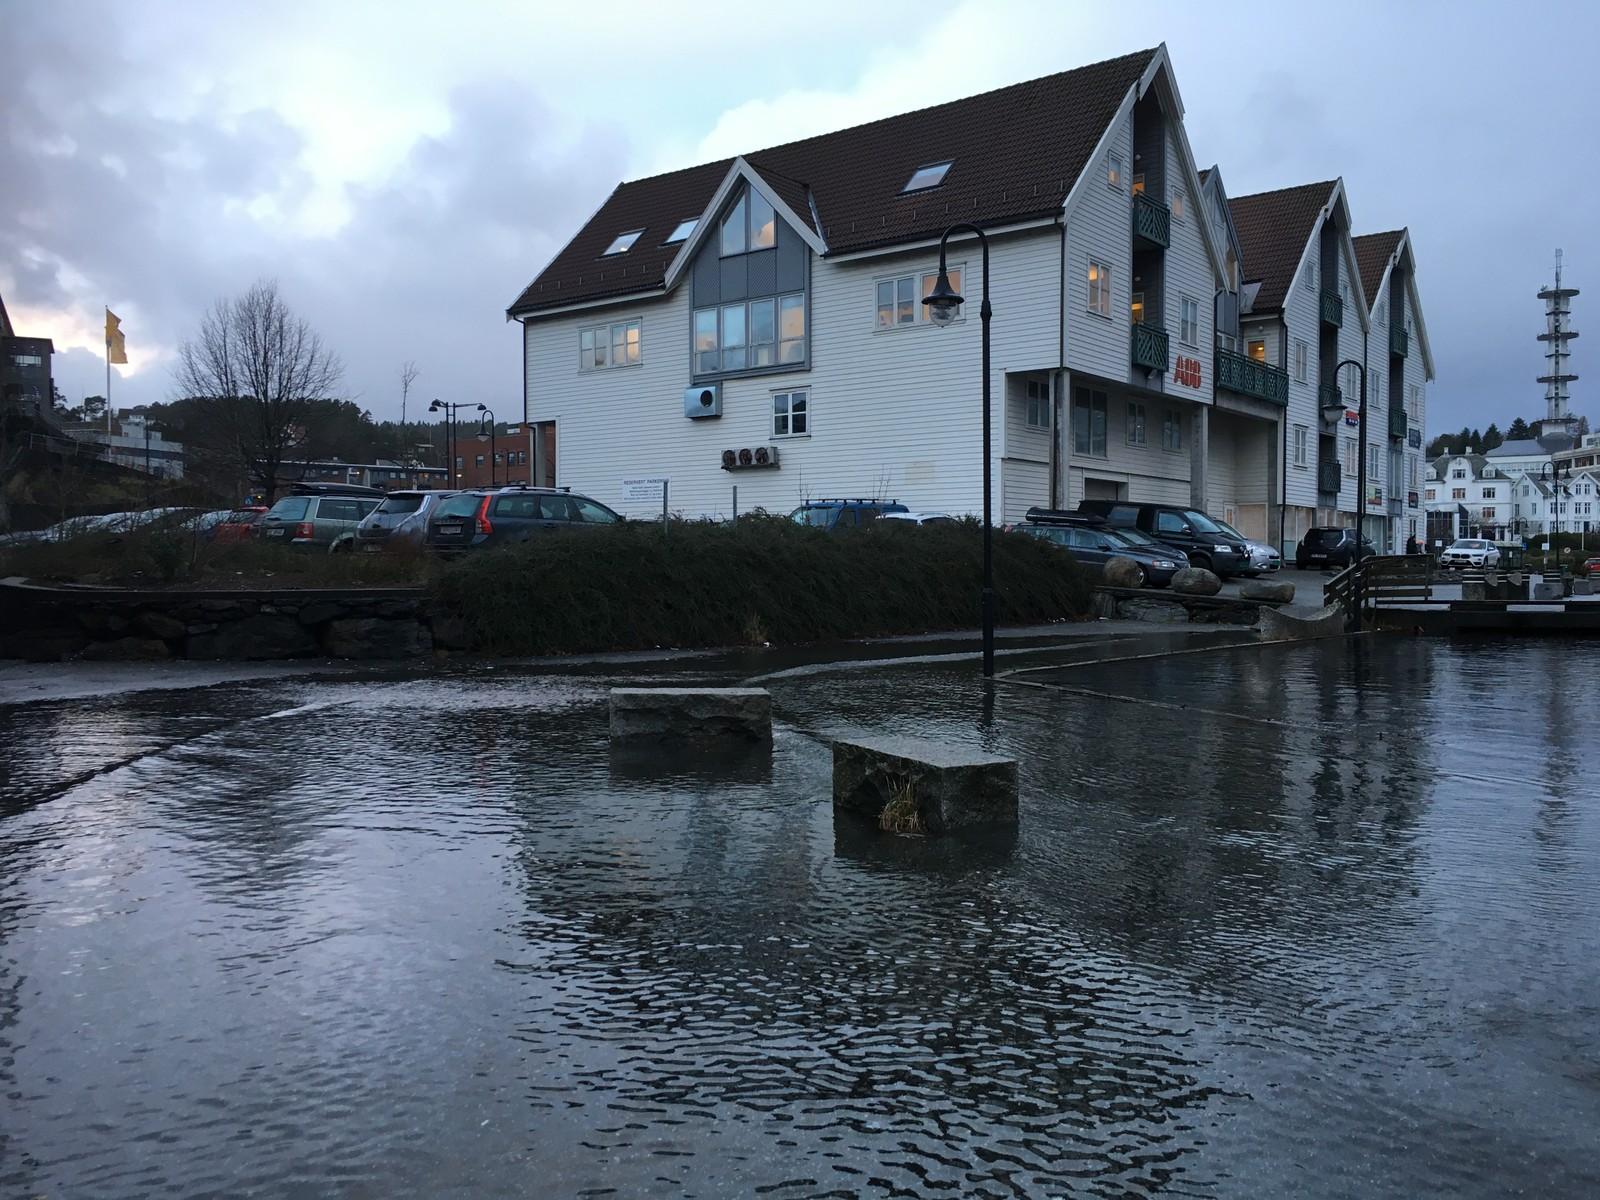 RENNER OVER: Under en time senere har vannet steget betraktelig i båthavnen i Leirvik på Stord.